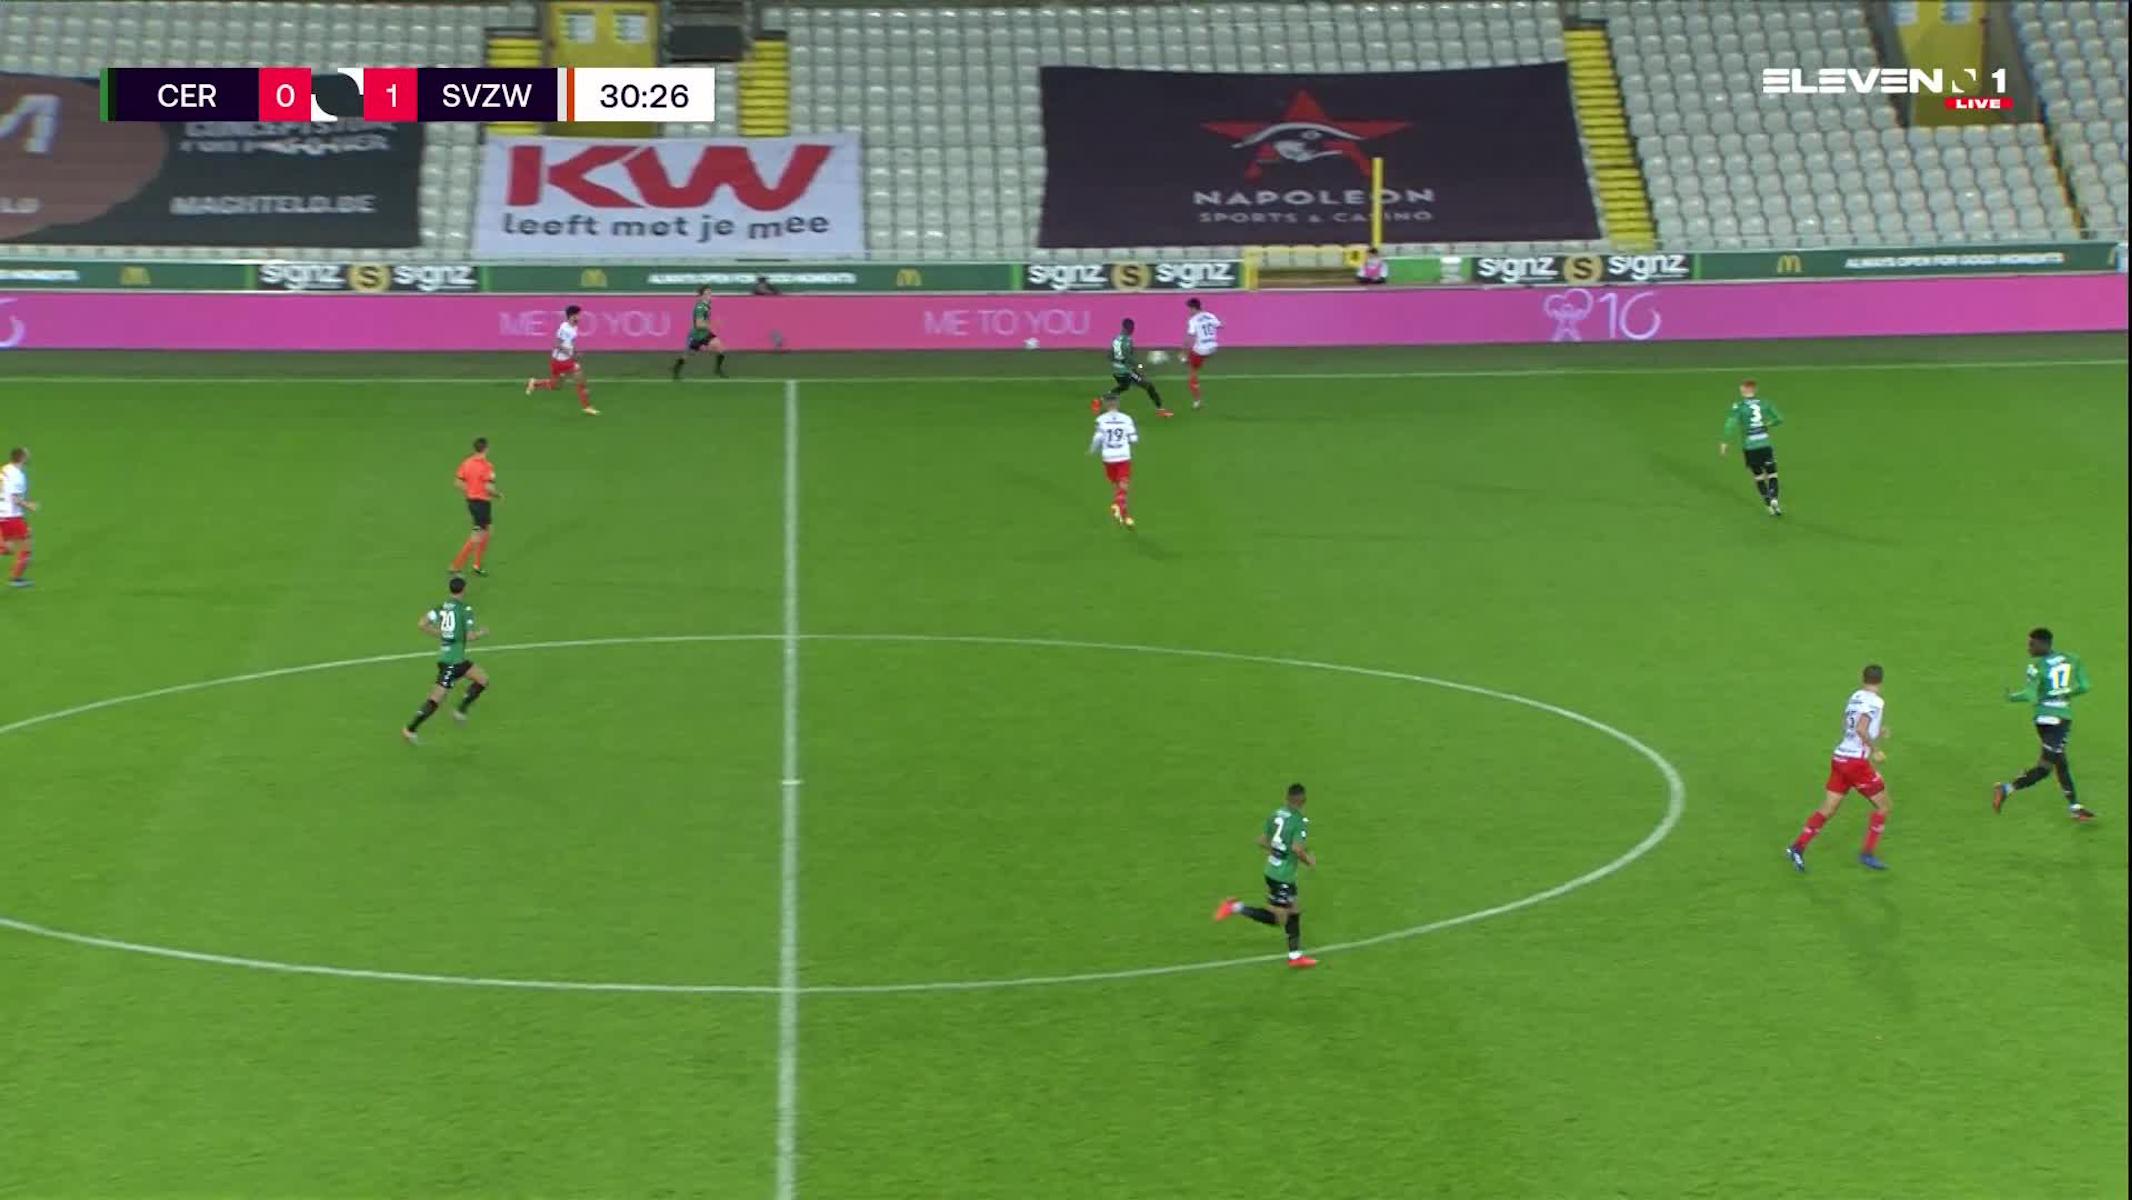 Doelpunt Gianni Bruno (Cercle Brugge vs. SV Zulte Waregem)